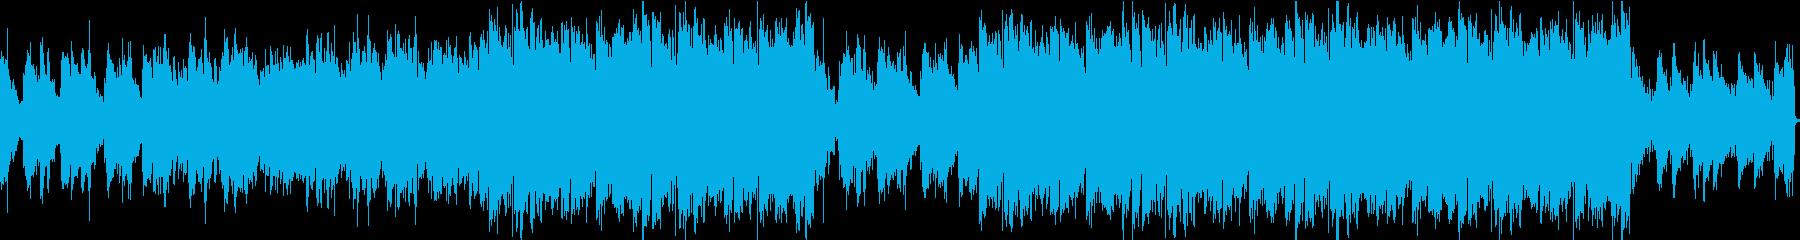 女性的でファッショナブルなネオトロピカルの再生済みの波形